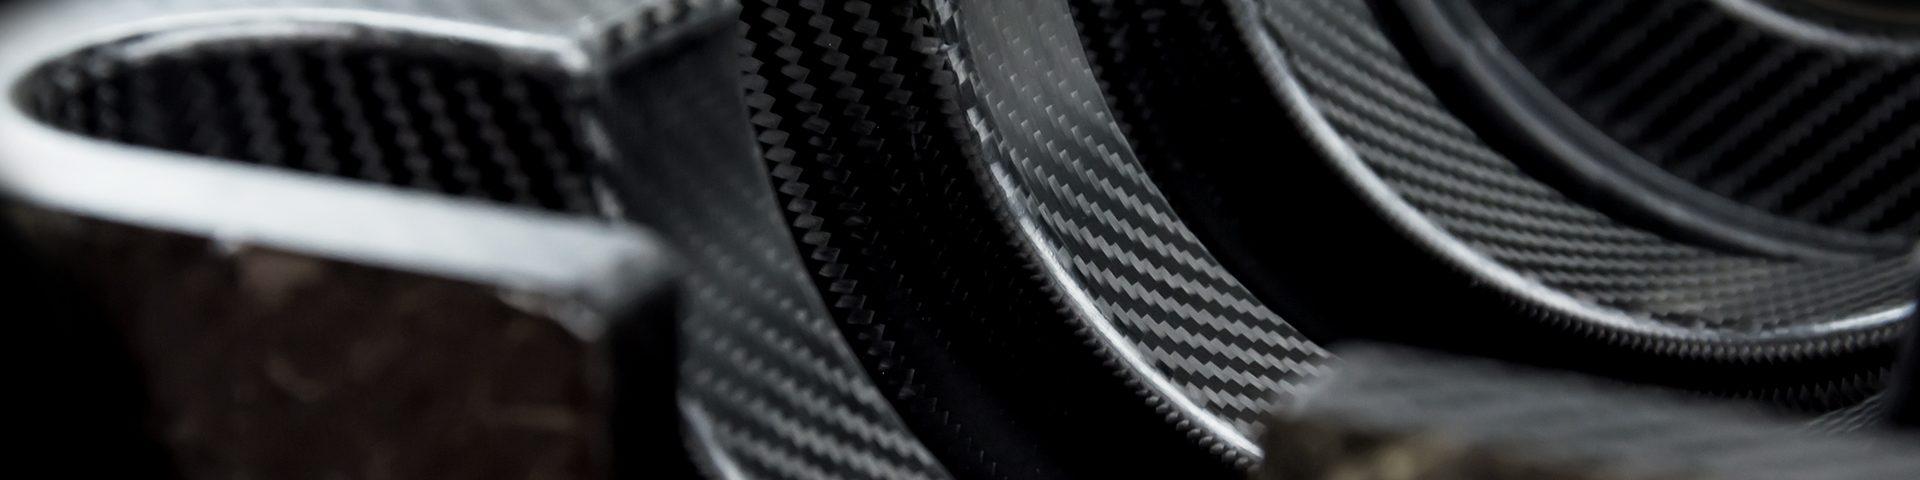 Faserverstärkte Kunststoffe